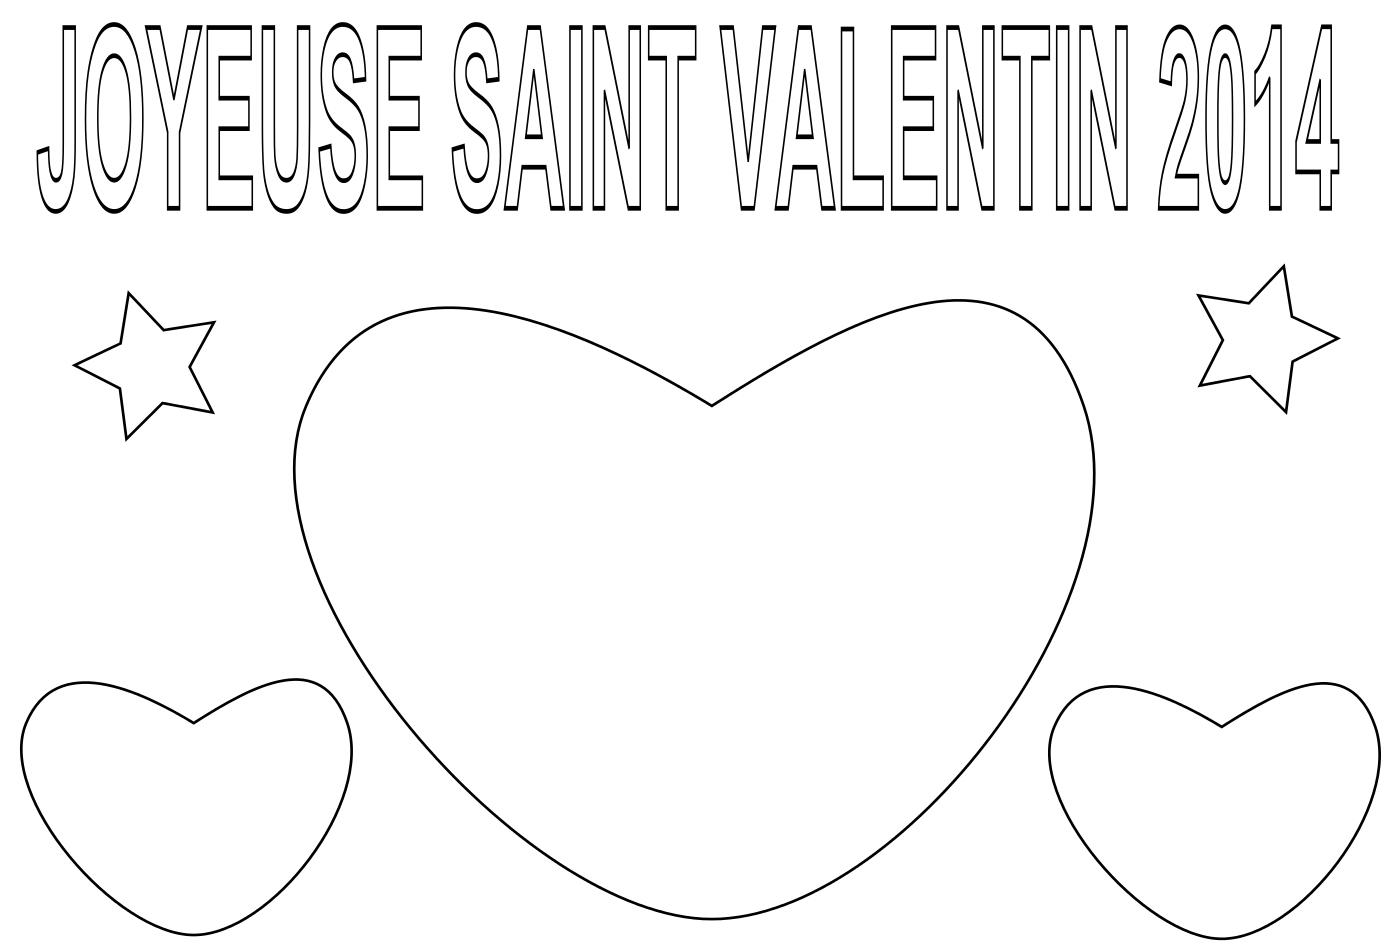 Coloriage Joyeuse Saint Valentin 2014 À Imprimer Et Colorier dedans Coloriage De St Valentin